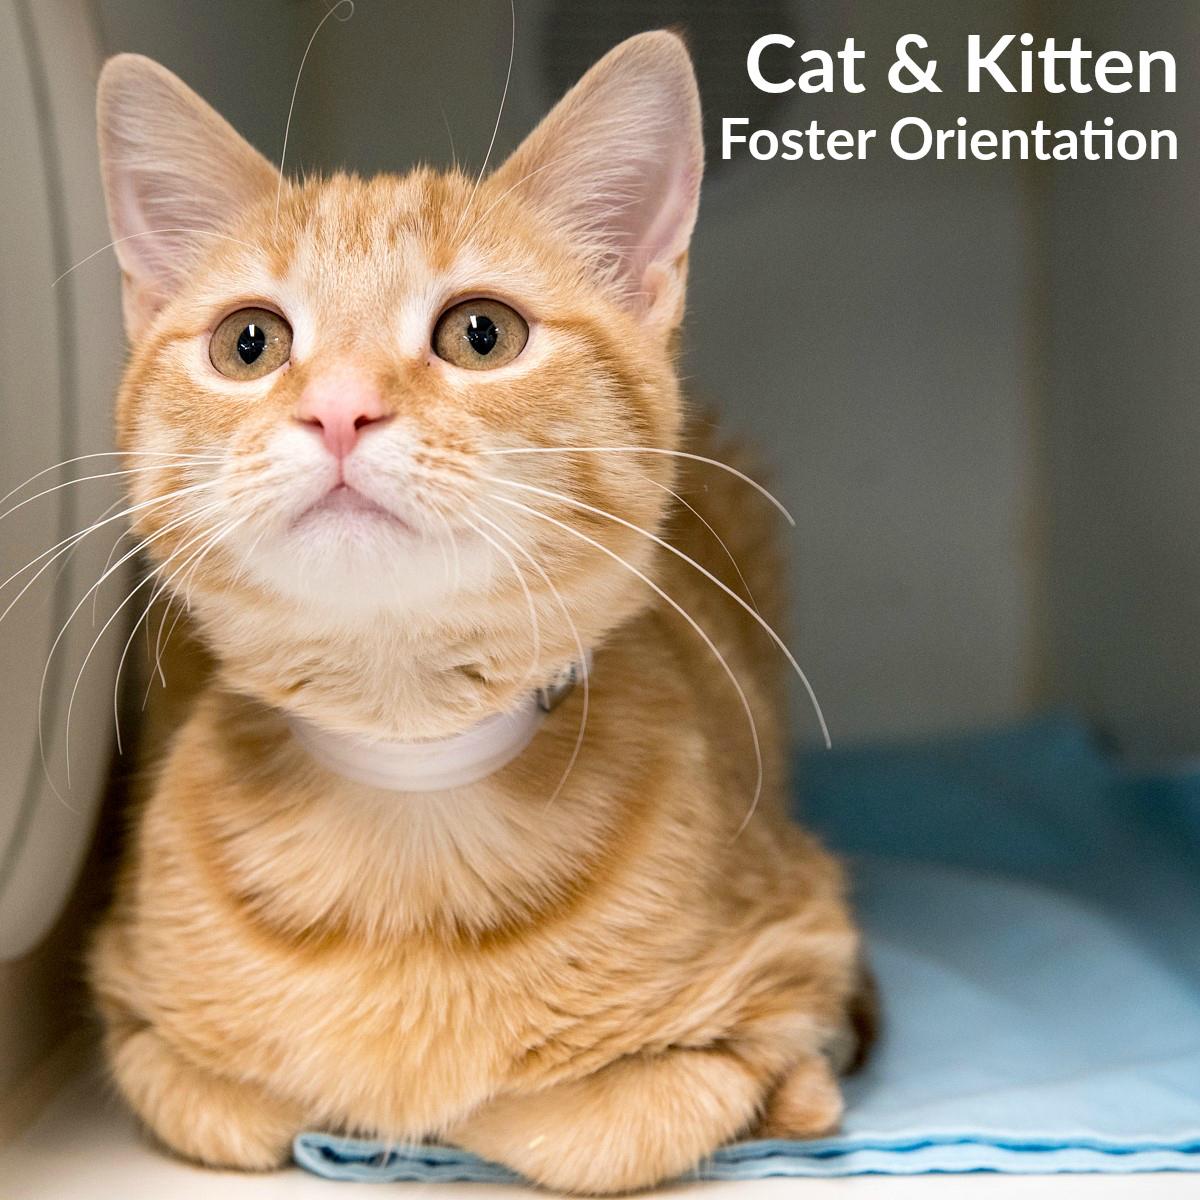 Cat and Kitten Foster Orientation